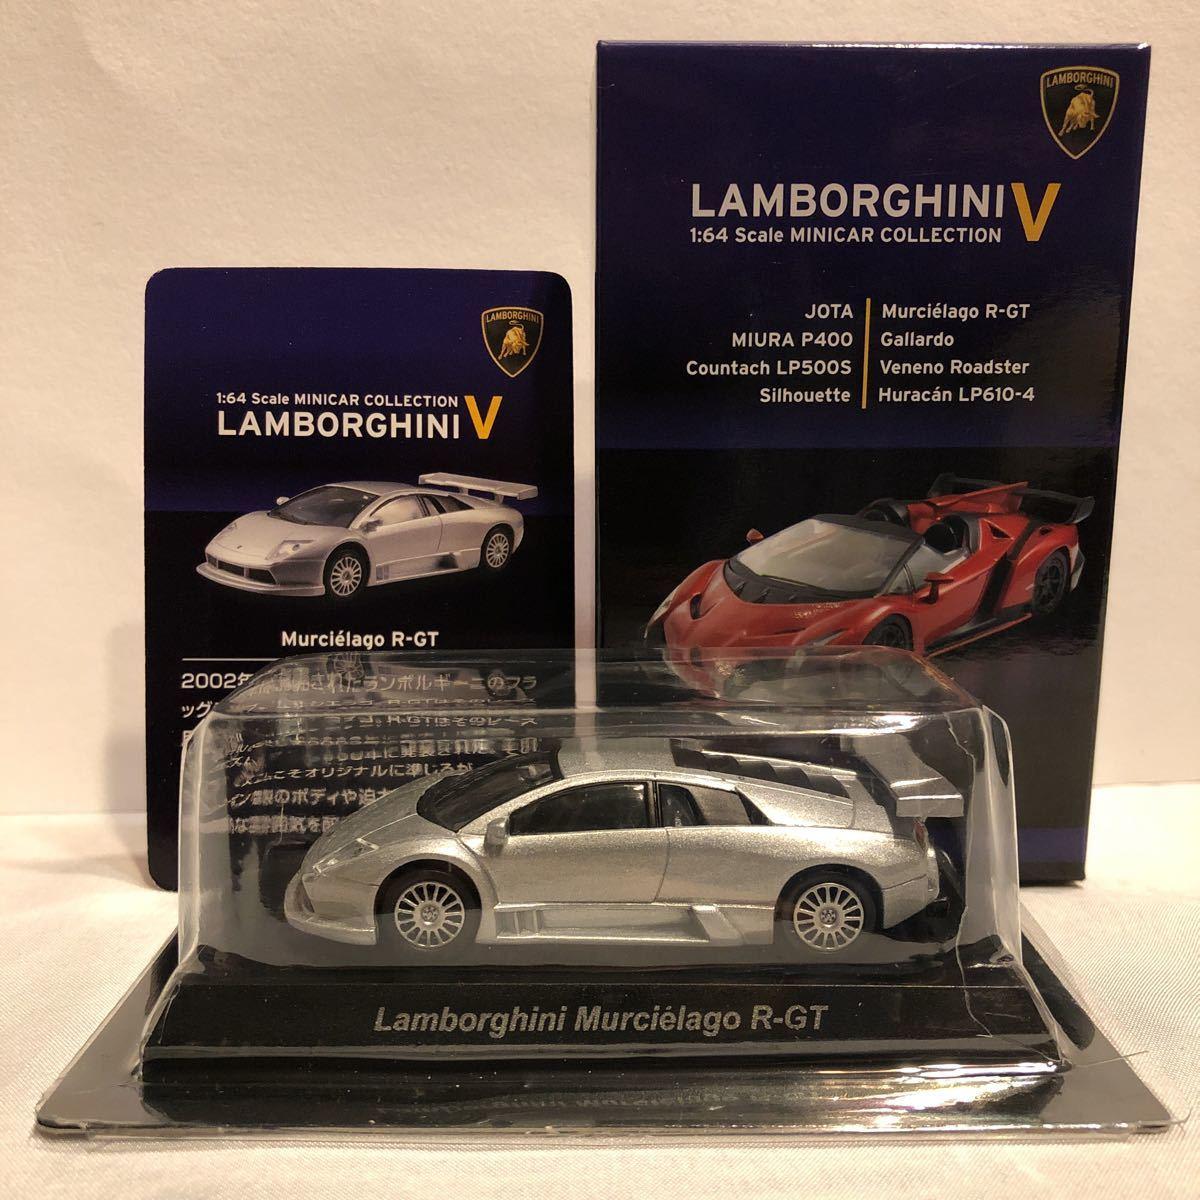 京商 1/64 LAMBORGHINI Ⅴ Murcielago R-GT ランボルギーニ #5 ムルシエラゴ 銀色 シルバー ミニカー モデルカー_画像1